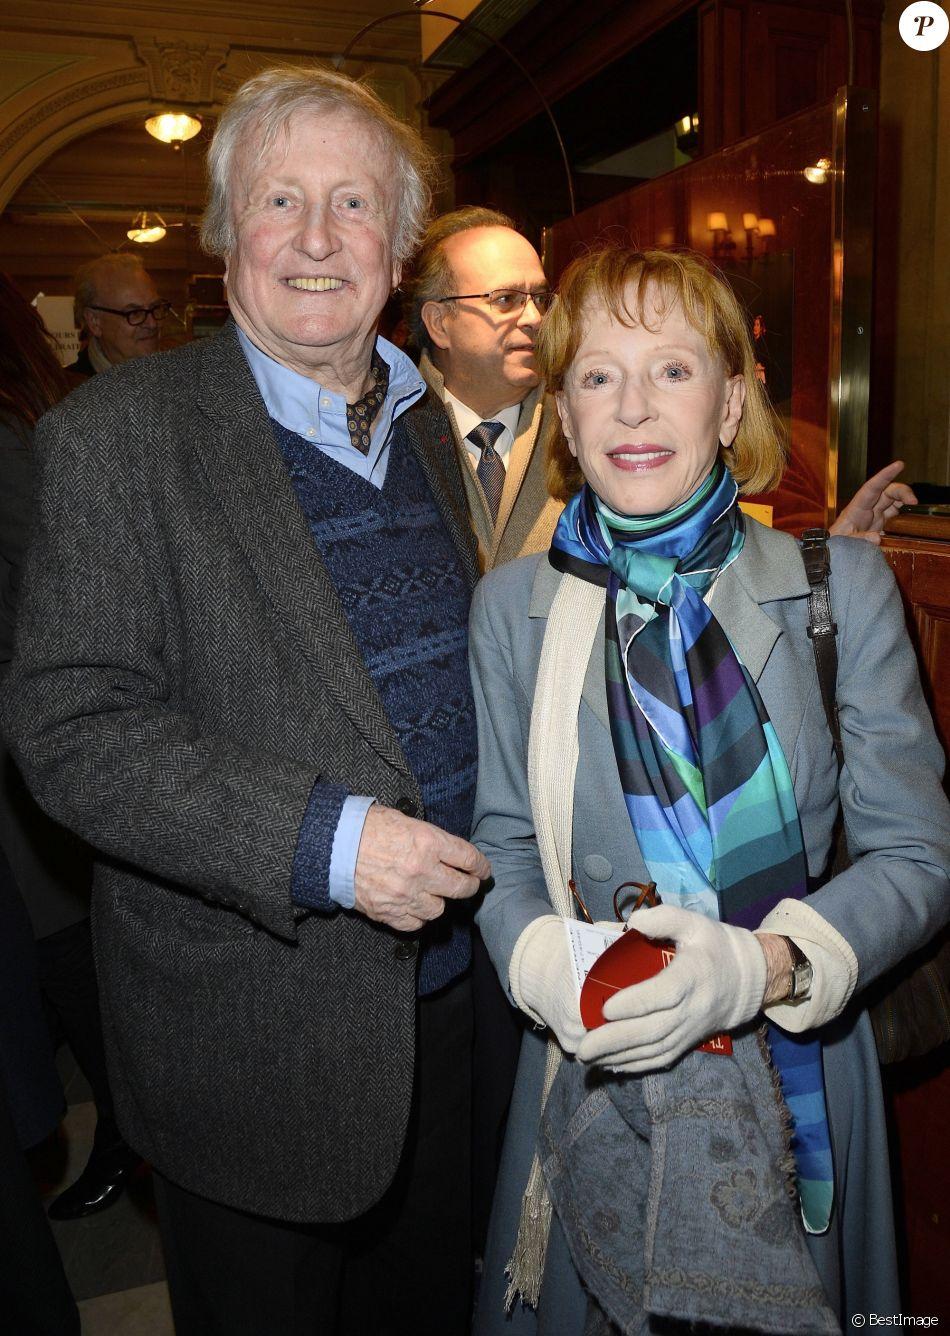 Claude rich et sa femme catherine g n rale de la pi ce la porte c t au th tre douard vii - Piece de theatre la porte a cote ...